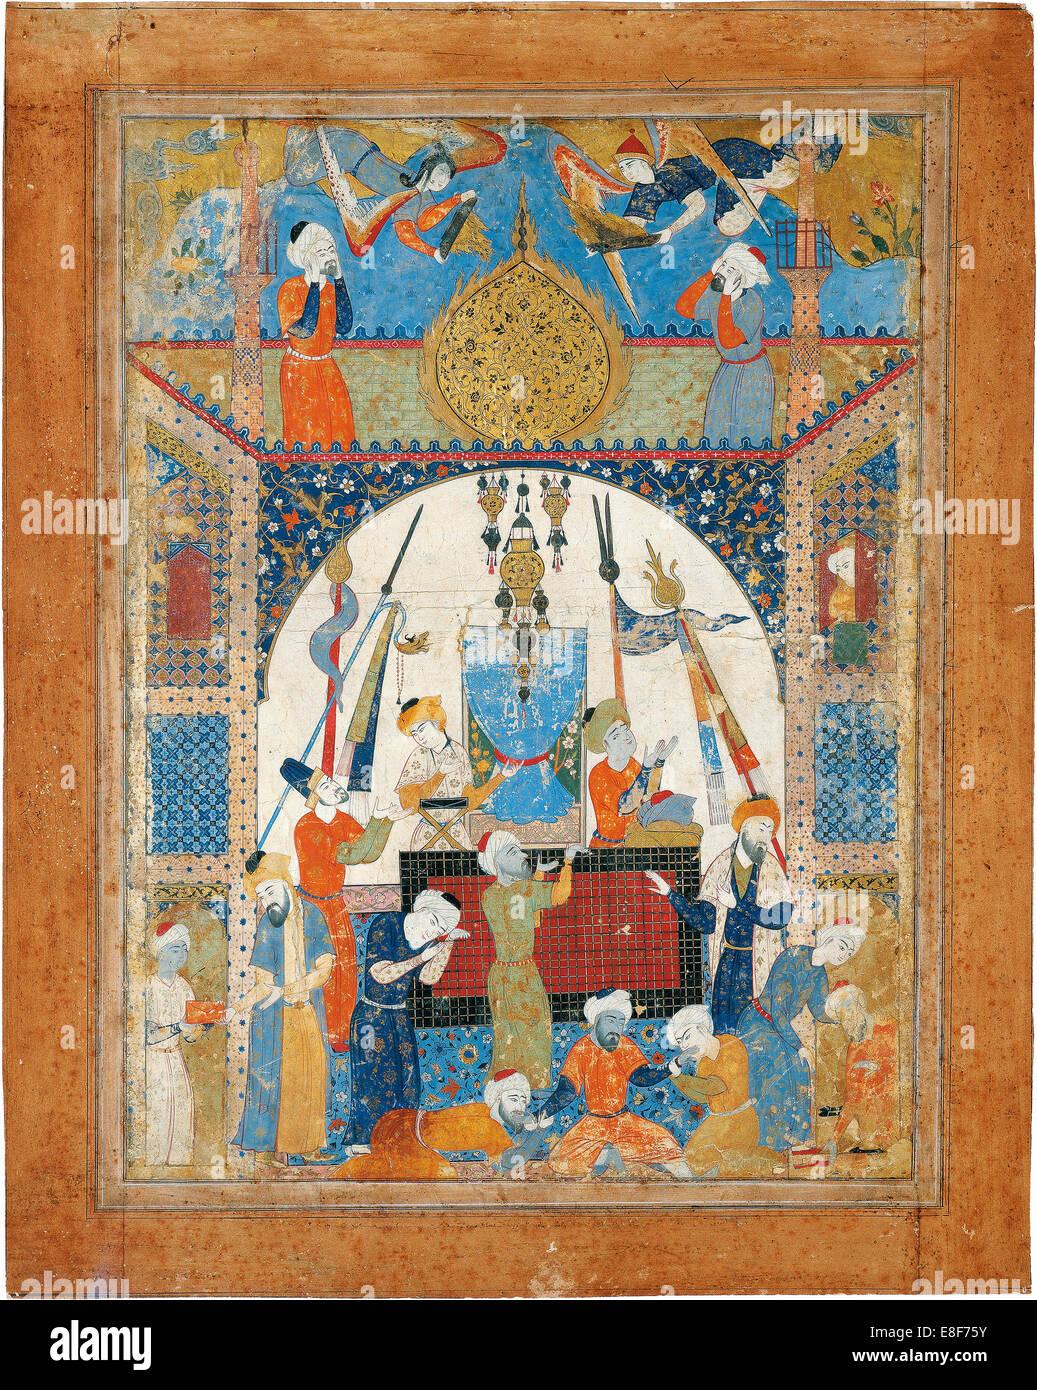 Szene aus einem Mausoleum. Künstler: Iranische Meister Stockbild